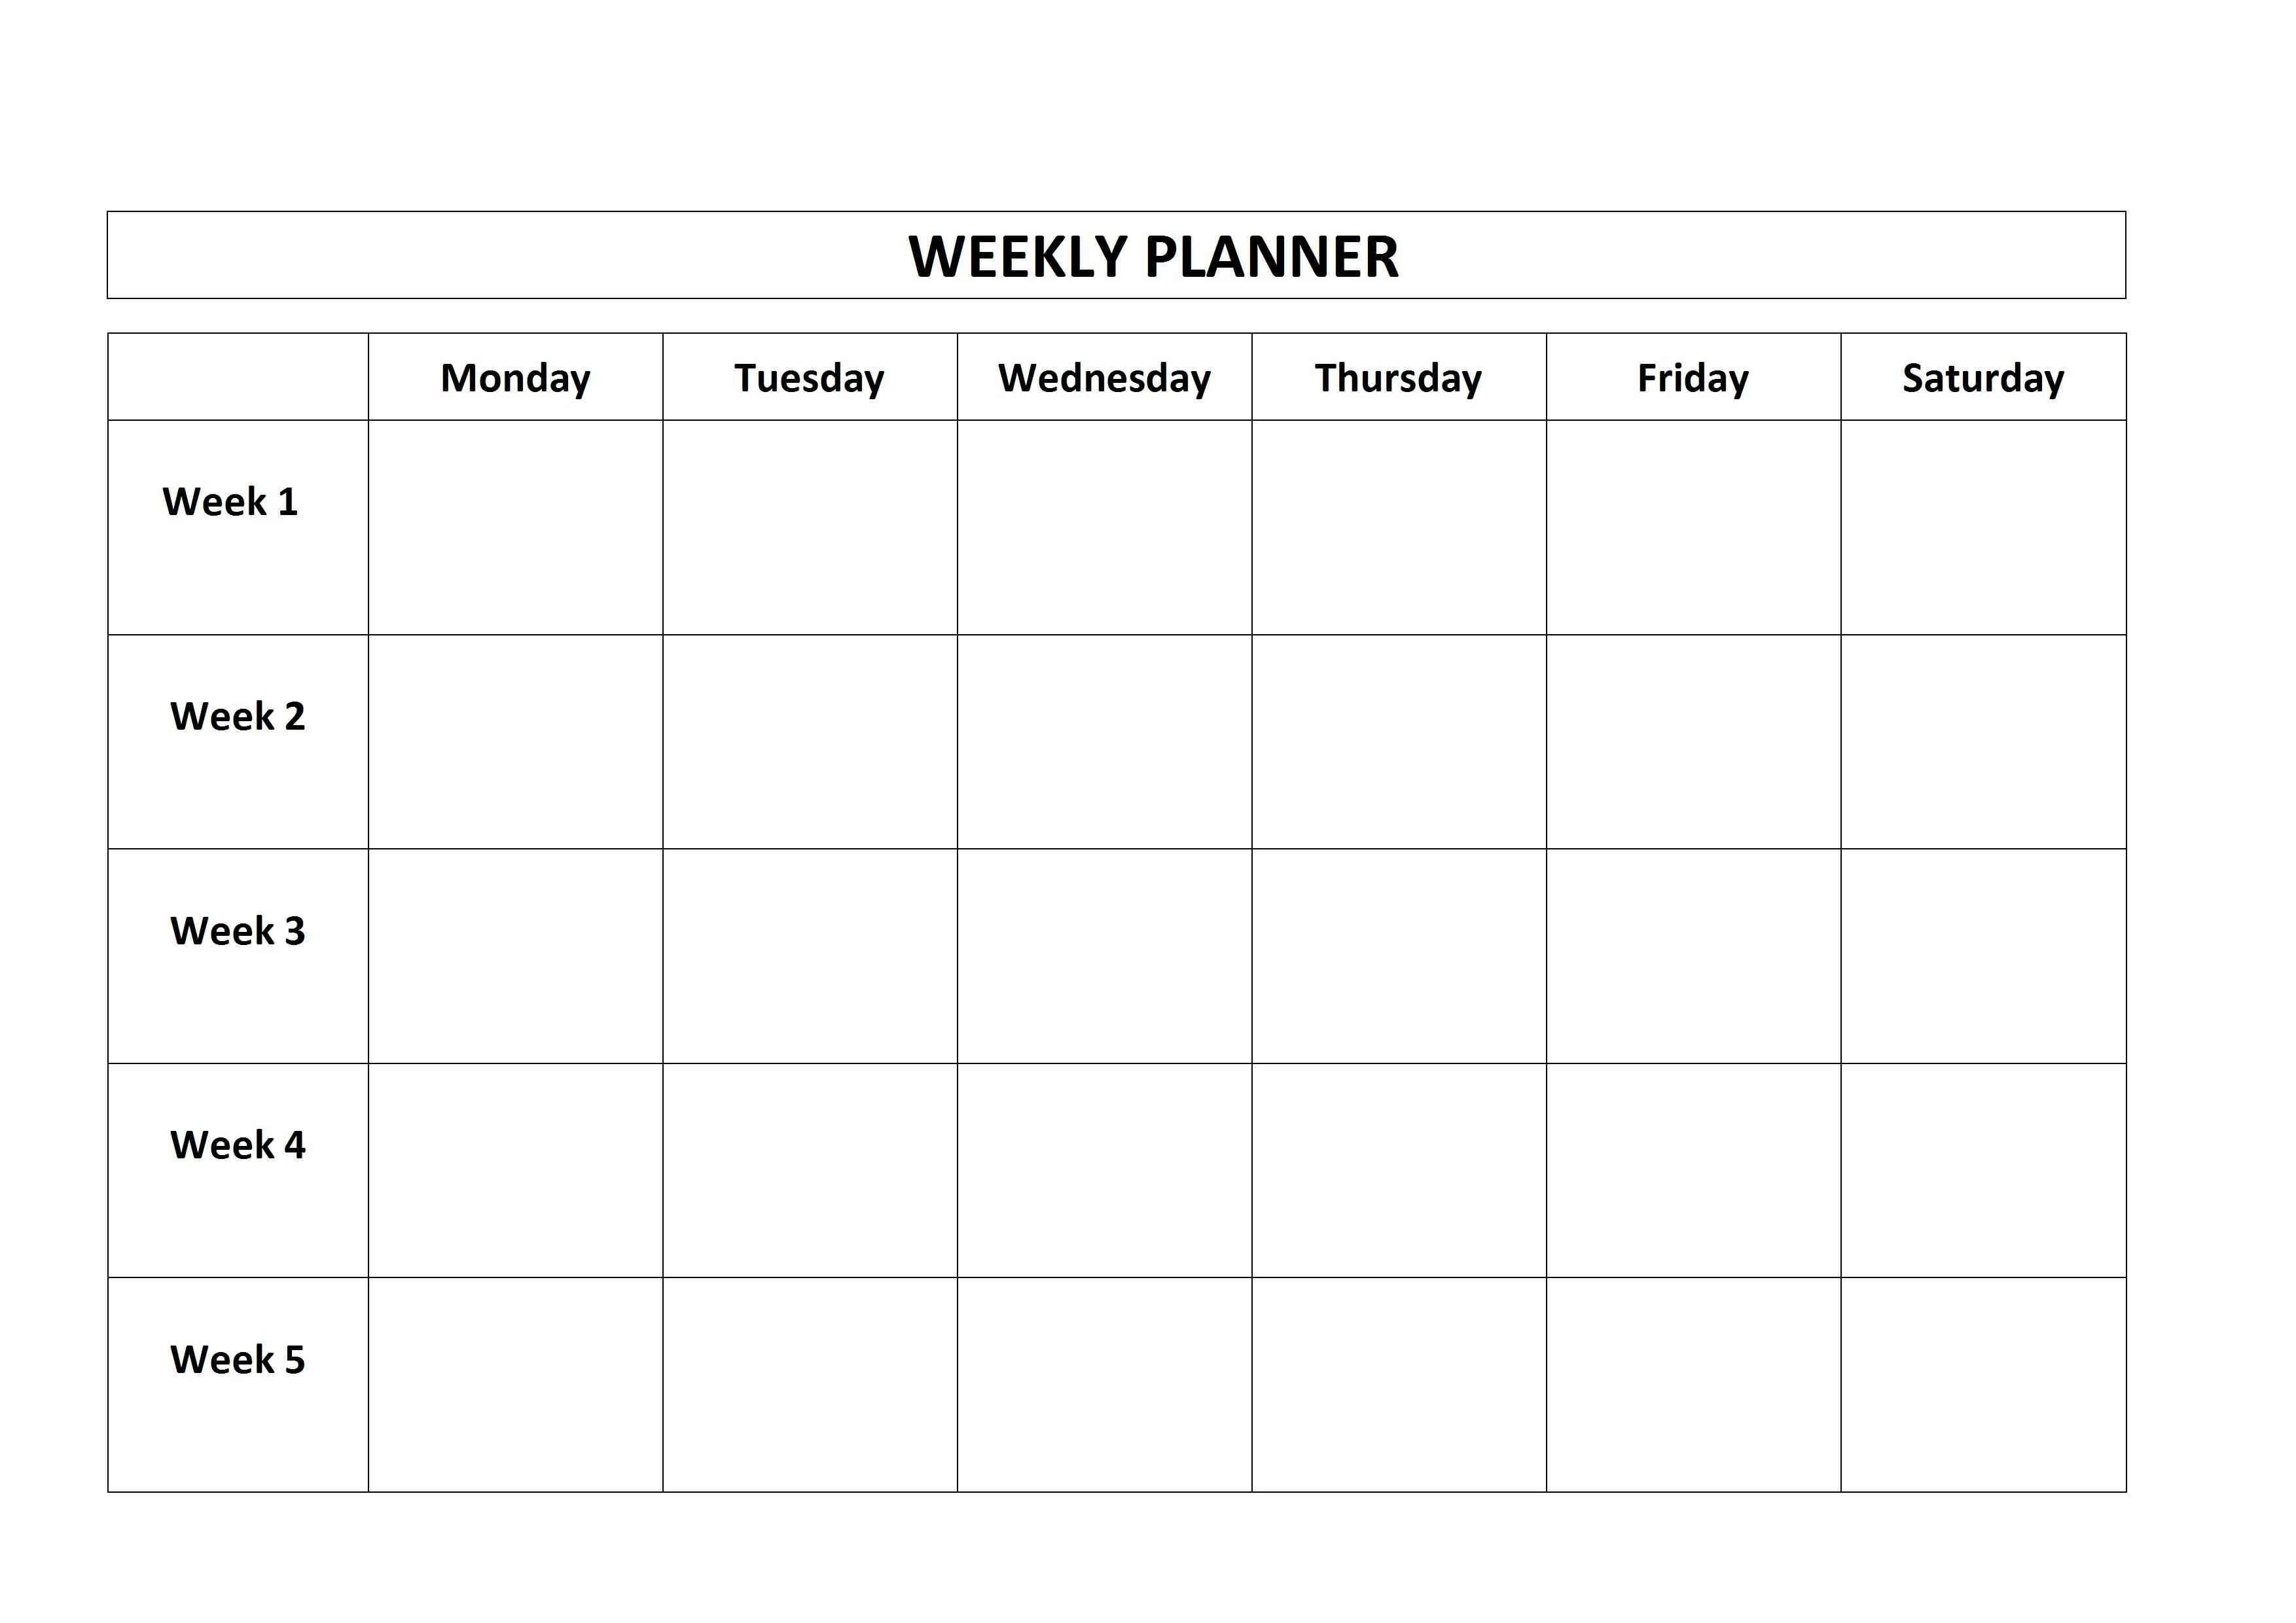 Monthly Calendar 5 Day Week | Calendar Design Ideas